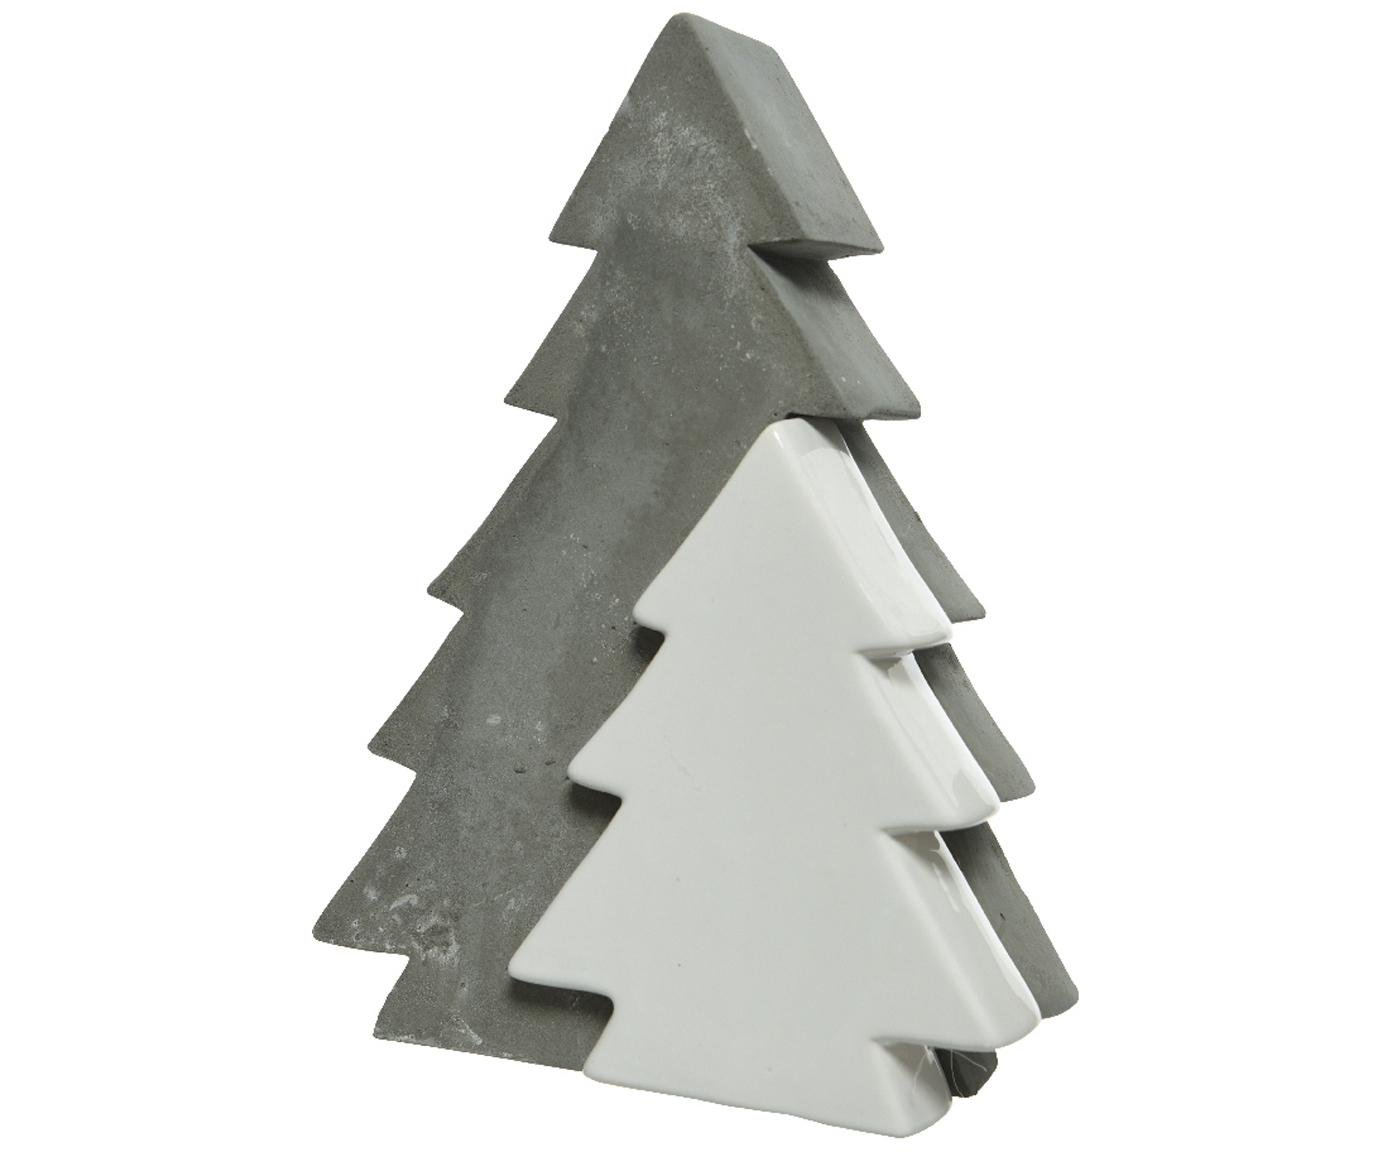 Pini decorativi in cemento Joseph, Cemento, parzialmente rivestito, Grigio, bianco, Larg. 14 x Alt. 22 cm